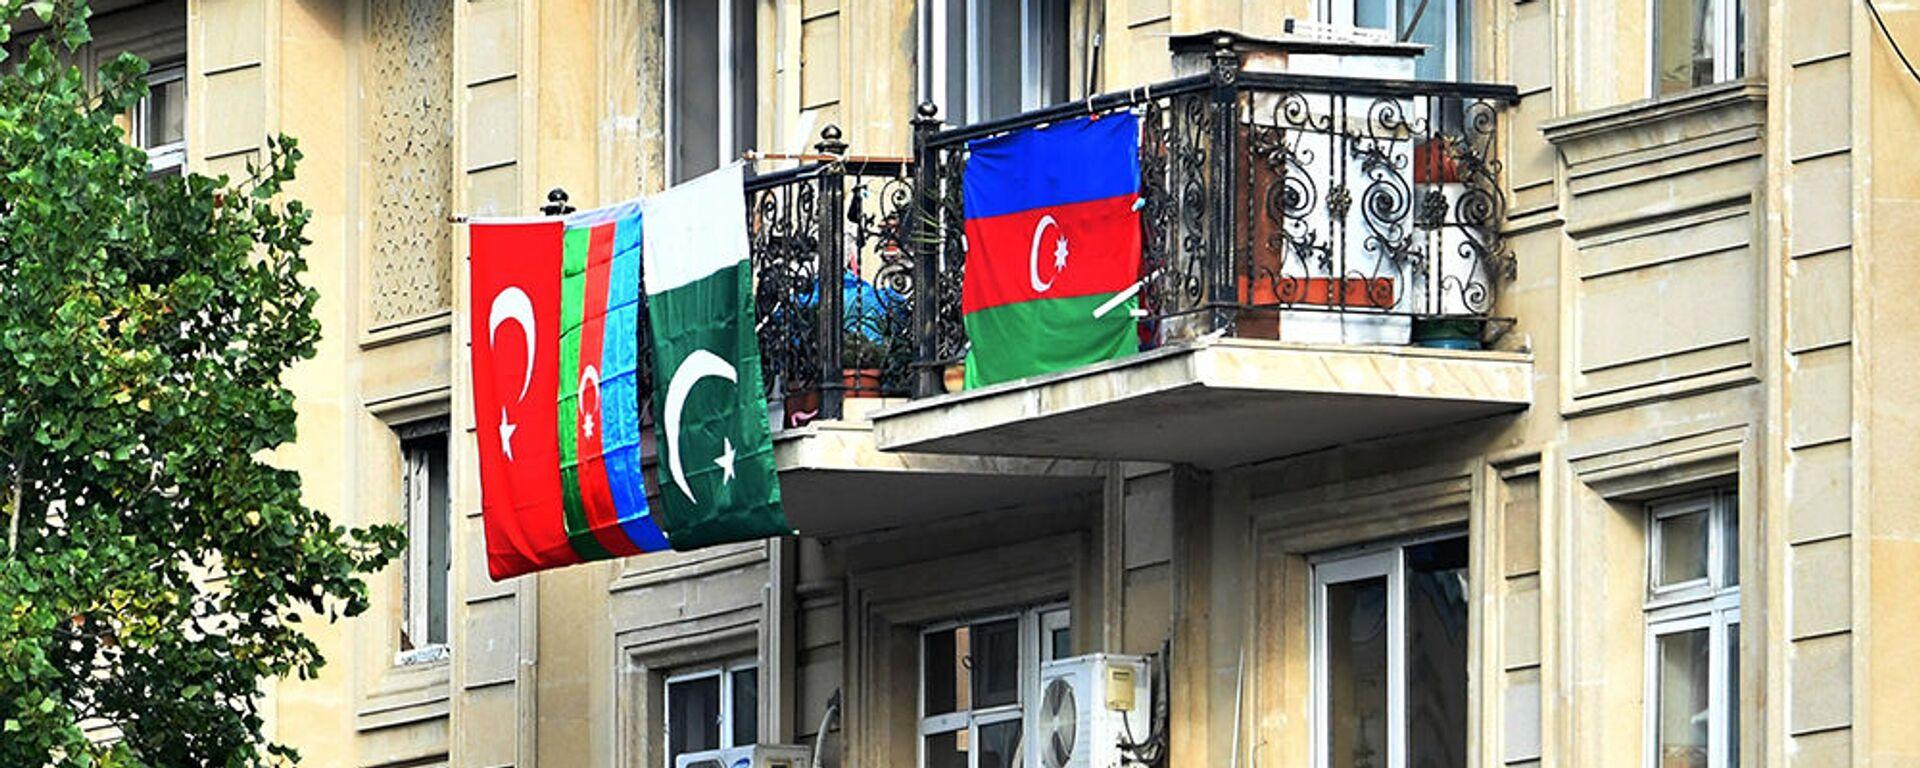 Флаги Азербайджана, Турции и Пакистана, вывешенные на балконе жилого дома в Баку - Sputnik Արմենիա, 1920, 30.07.2021